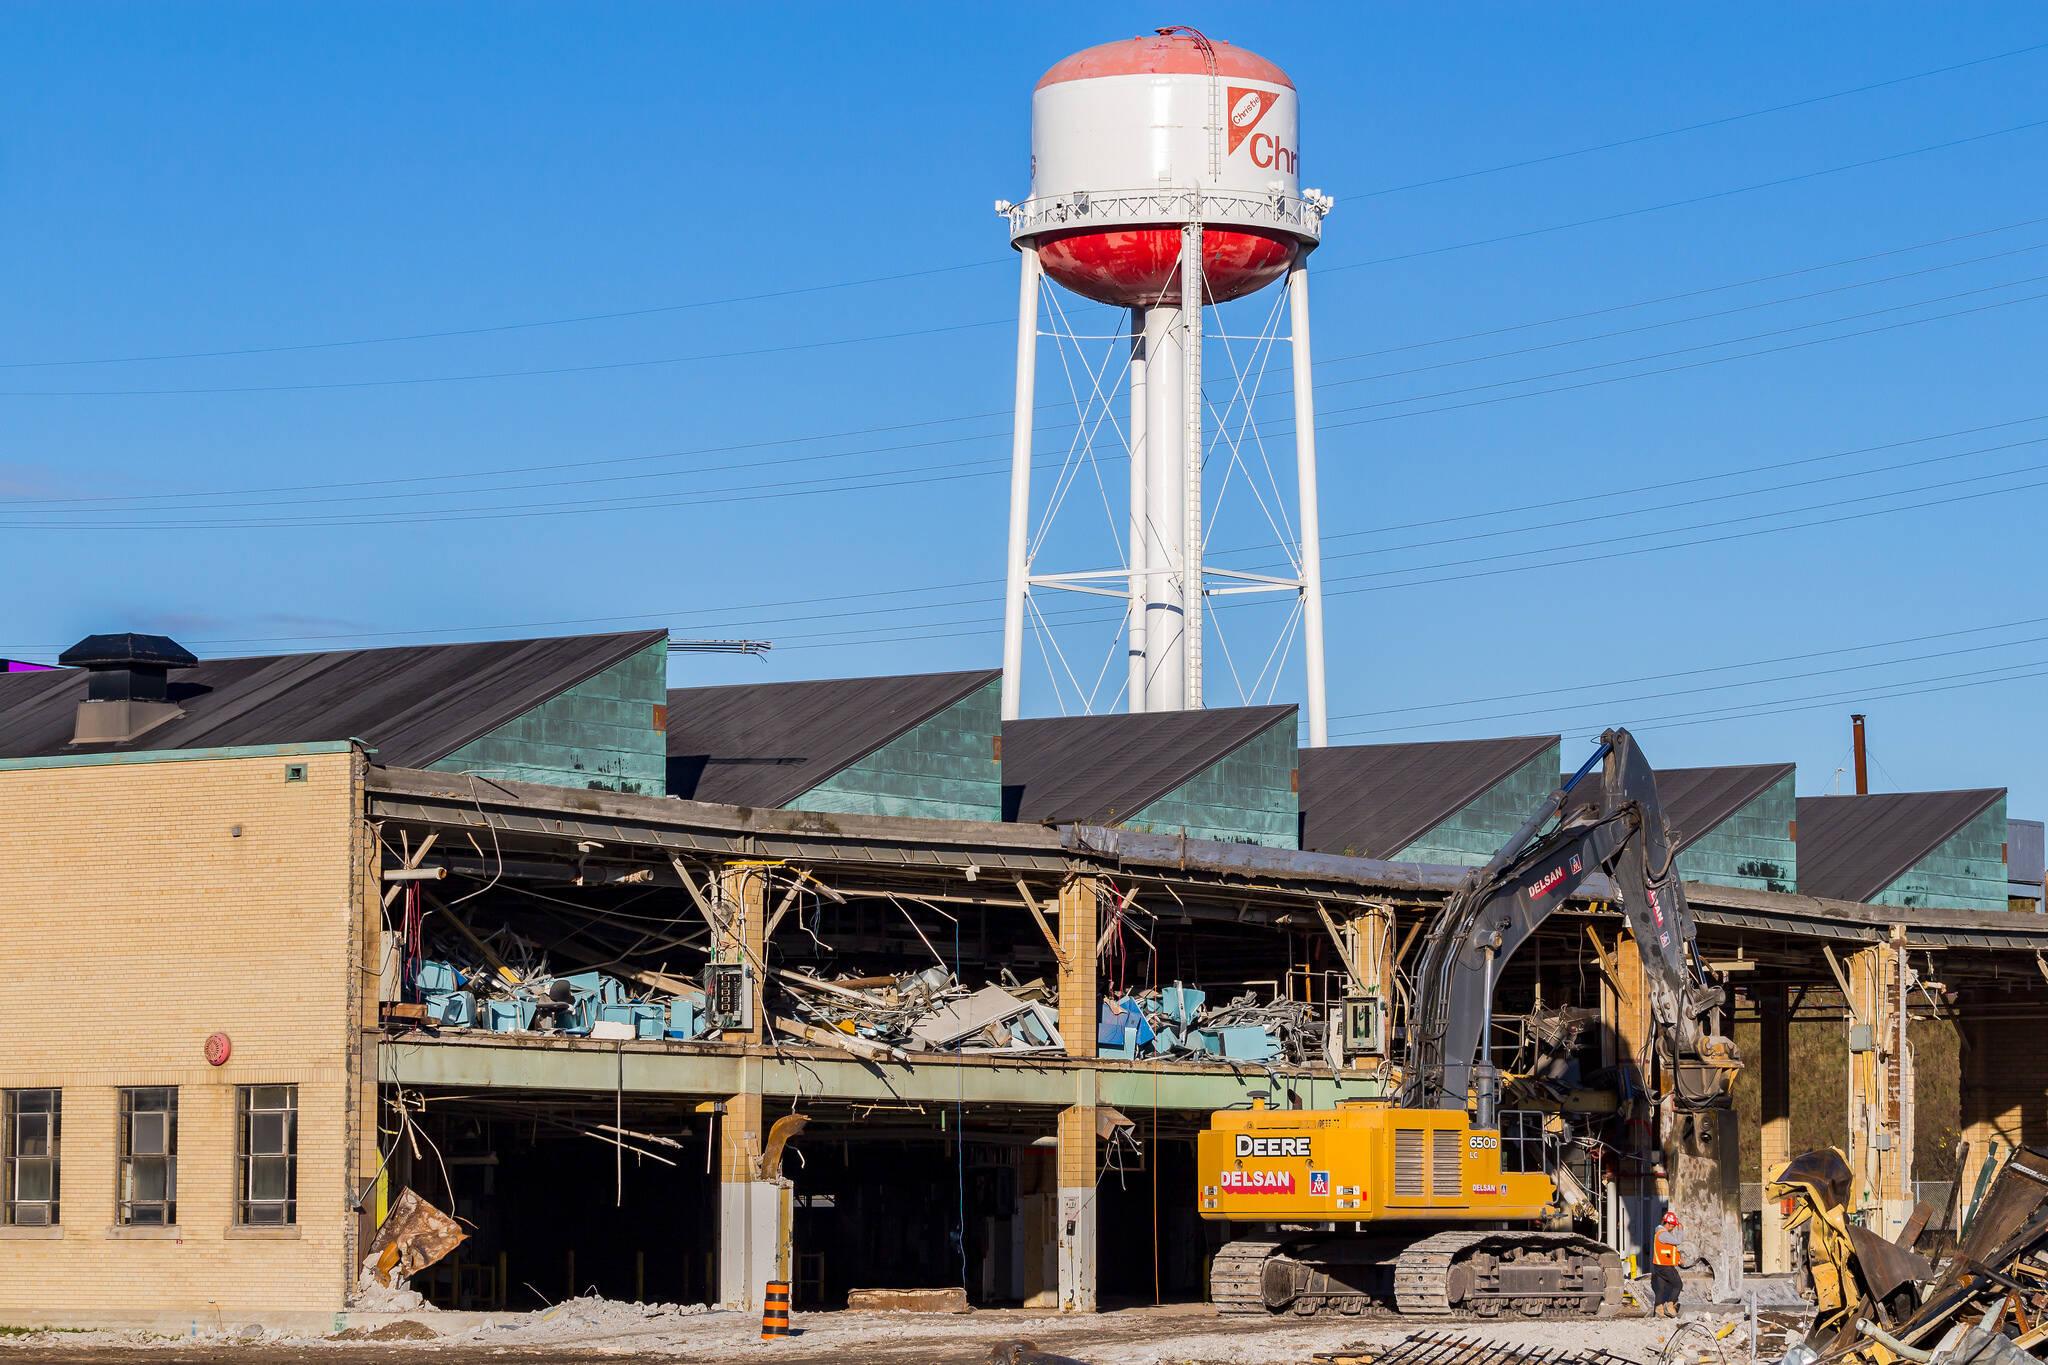 Mr. Christie Demolition